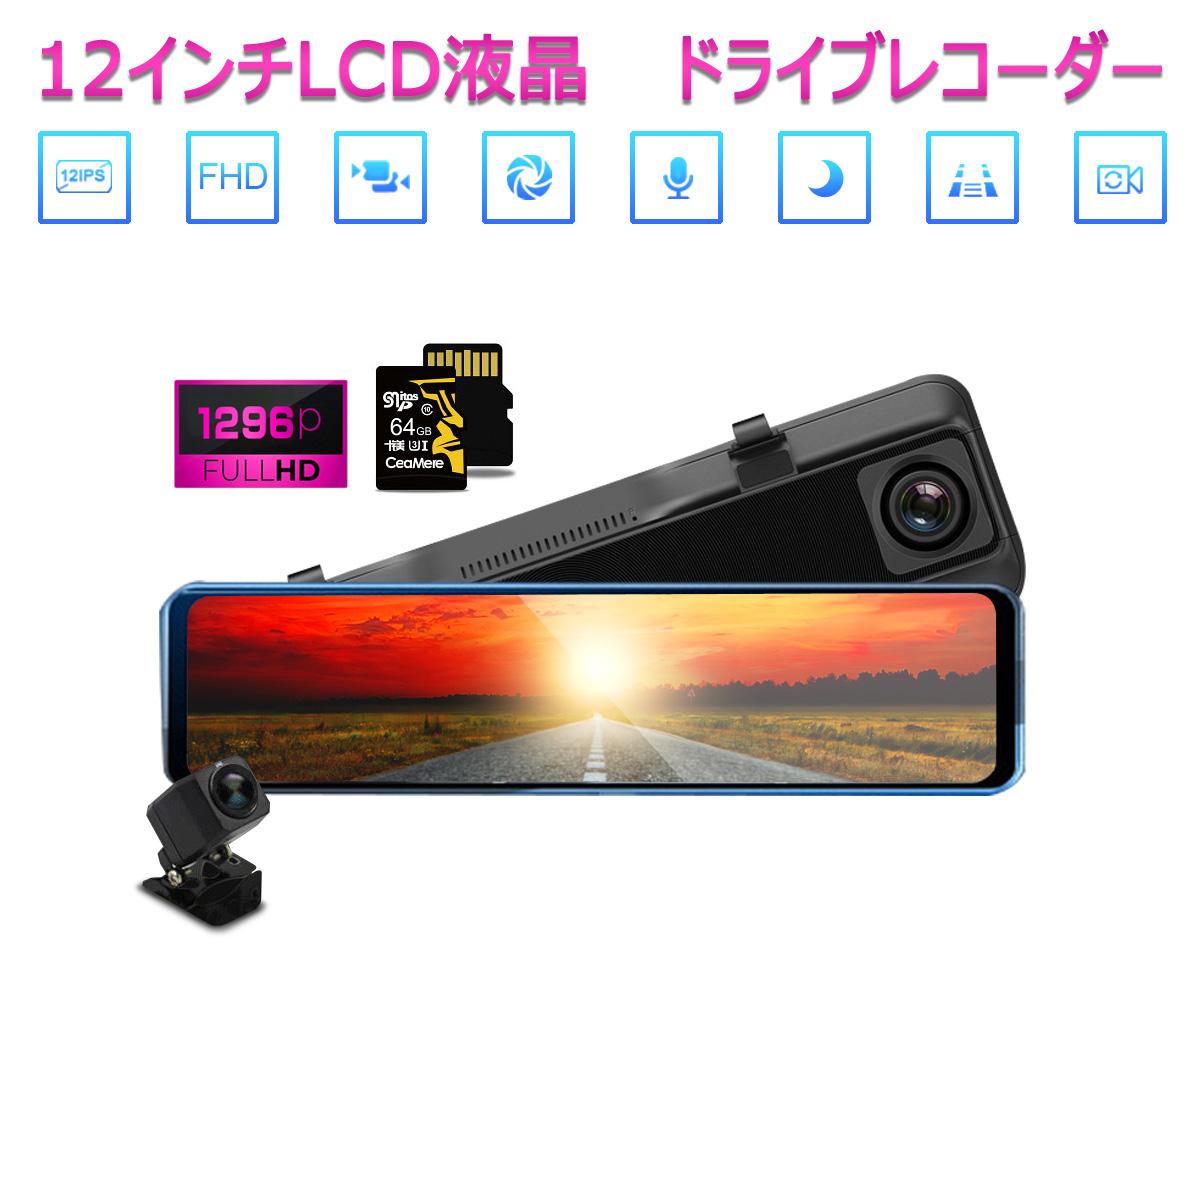 <title>ソニー製6層光学ガラスレンズ 最新WDR技術採用 大画面12インチLCD液晶のフルタッチパネル 通常のルームミラーより5倍の視界 駐車の補助 SSL NISSAN インフィニティQ45 2020年モデル ドライブレコーダー 前後カメラ 12インチ ミラー型 SDカード64GB同梱モデル あおり運転対策 FHD 2K 1080p 200万画素 キャンペーンもお見逃しなく タッチパネル 170度広角 バックカメラ 6ヶ月保証</title>